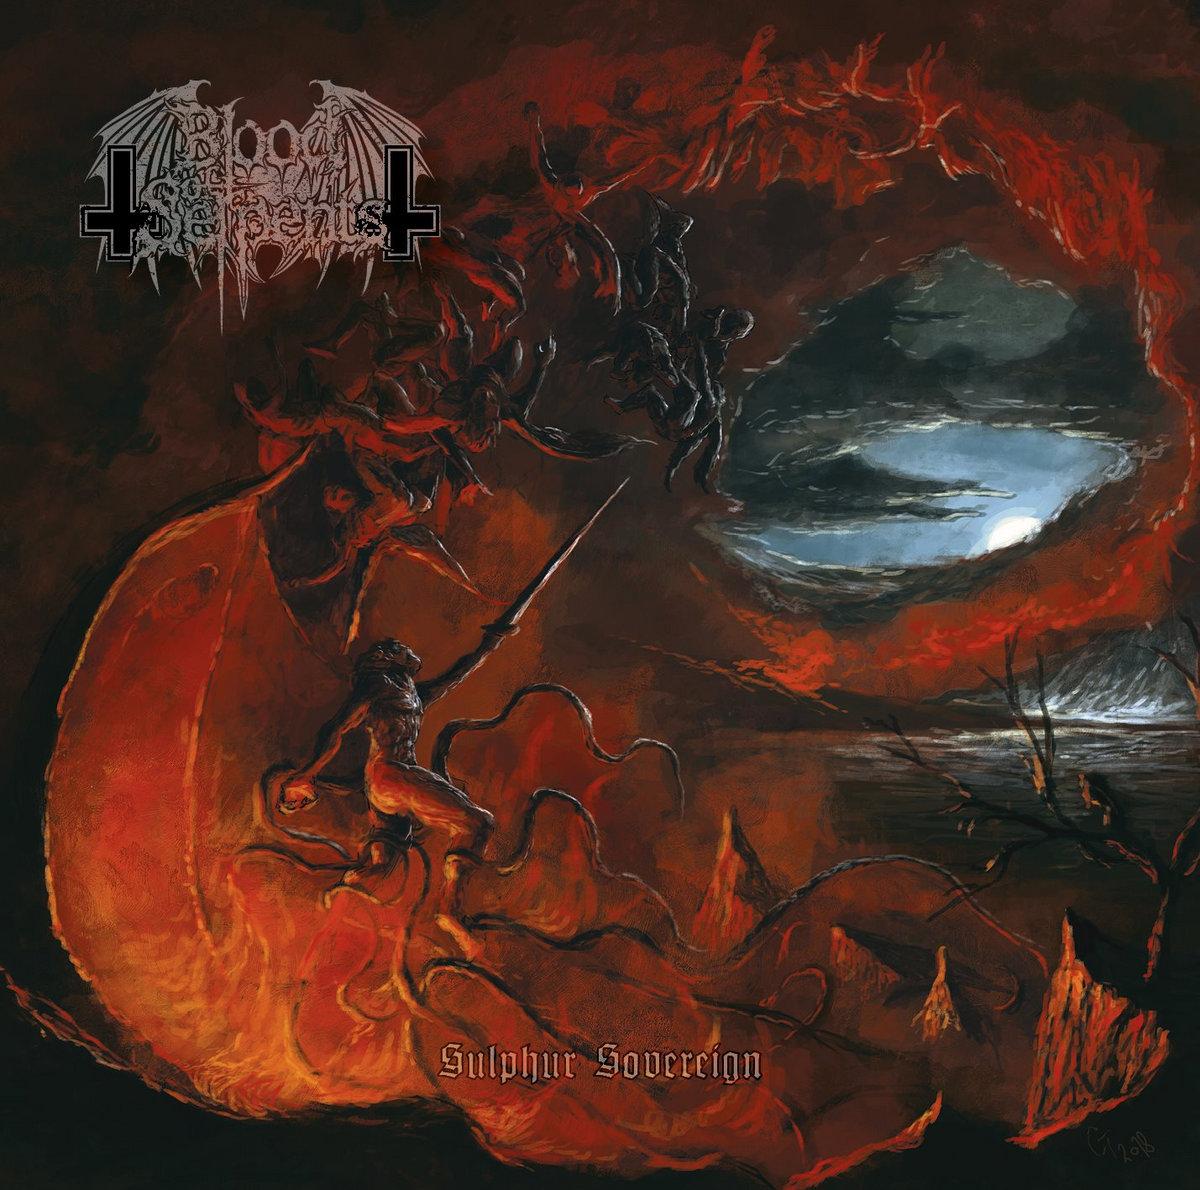 Αποτέλεσμα εικόνας για blood of serpents sulphur sovereign